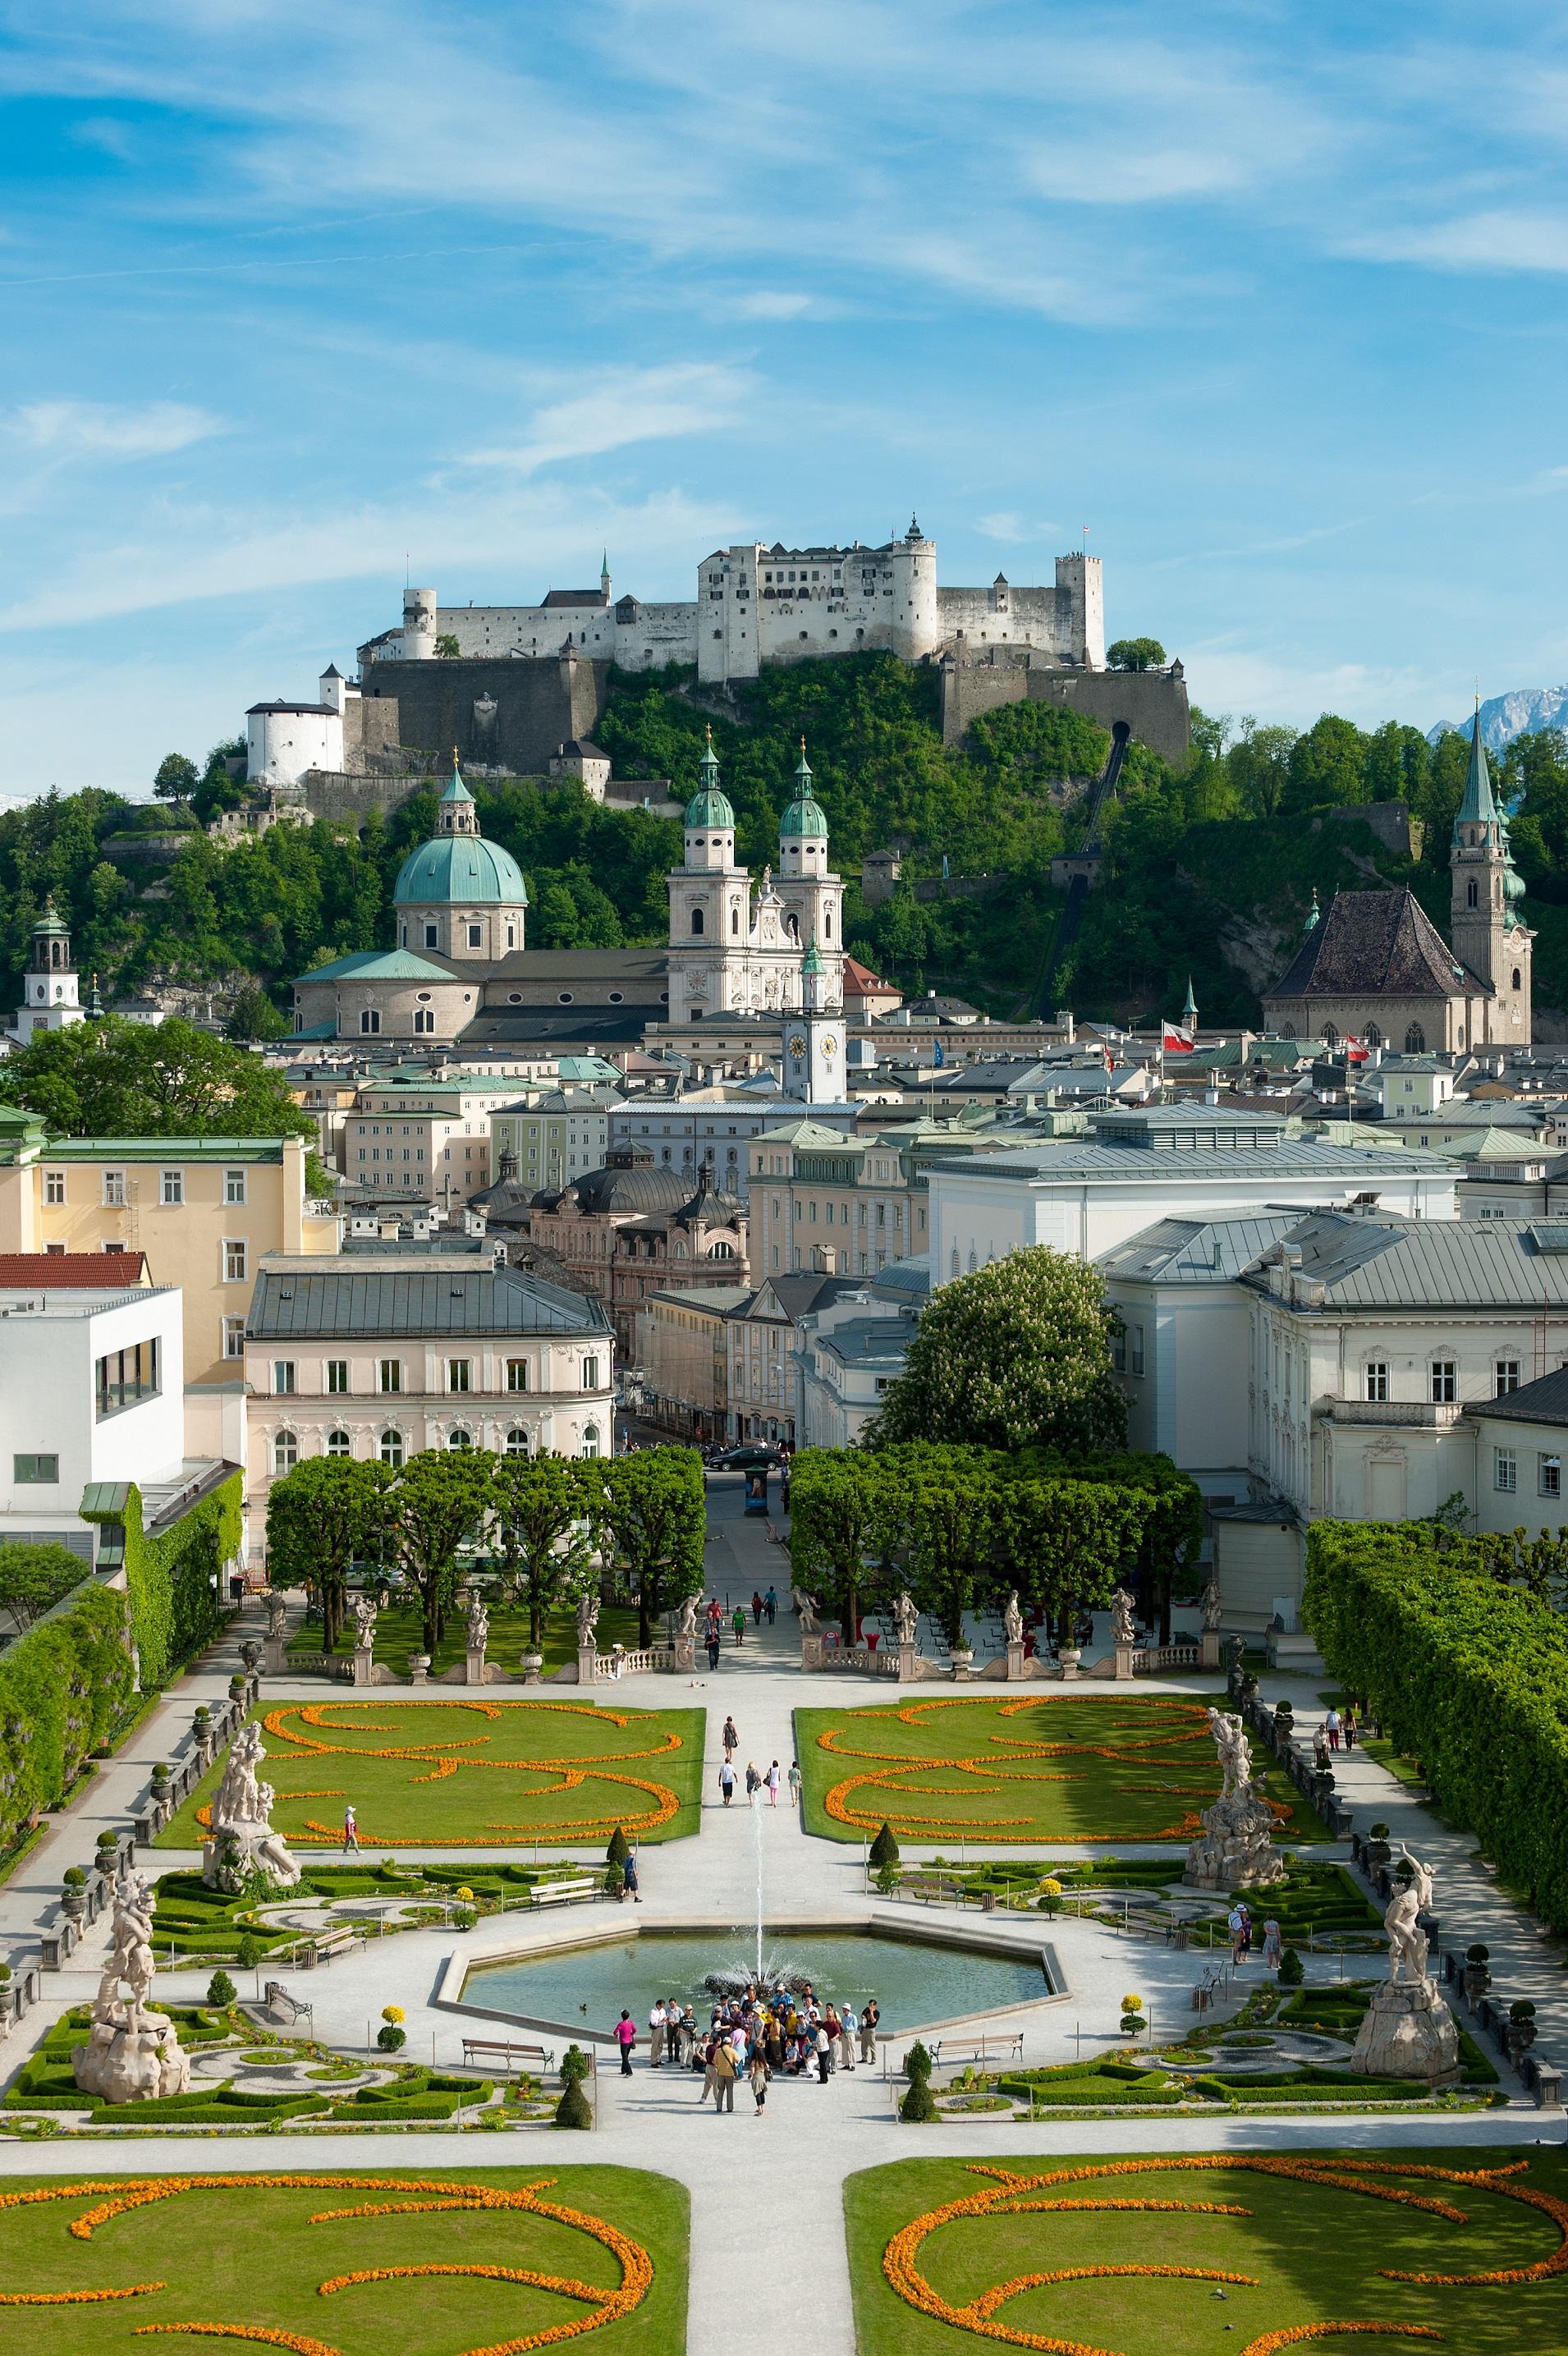 Mirabellgraten mit Blick auf Festung Hohensalzburg